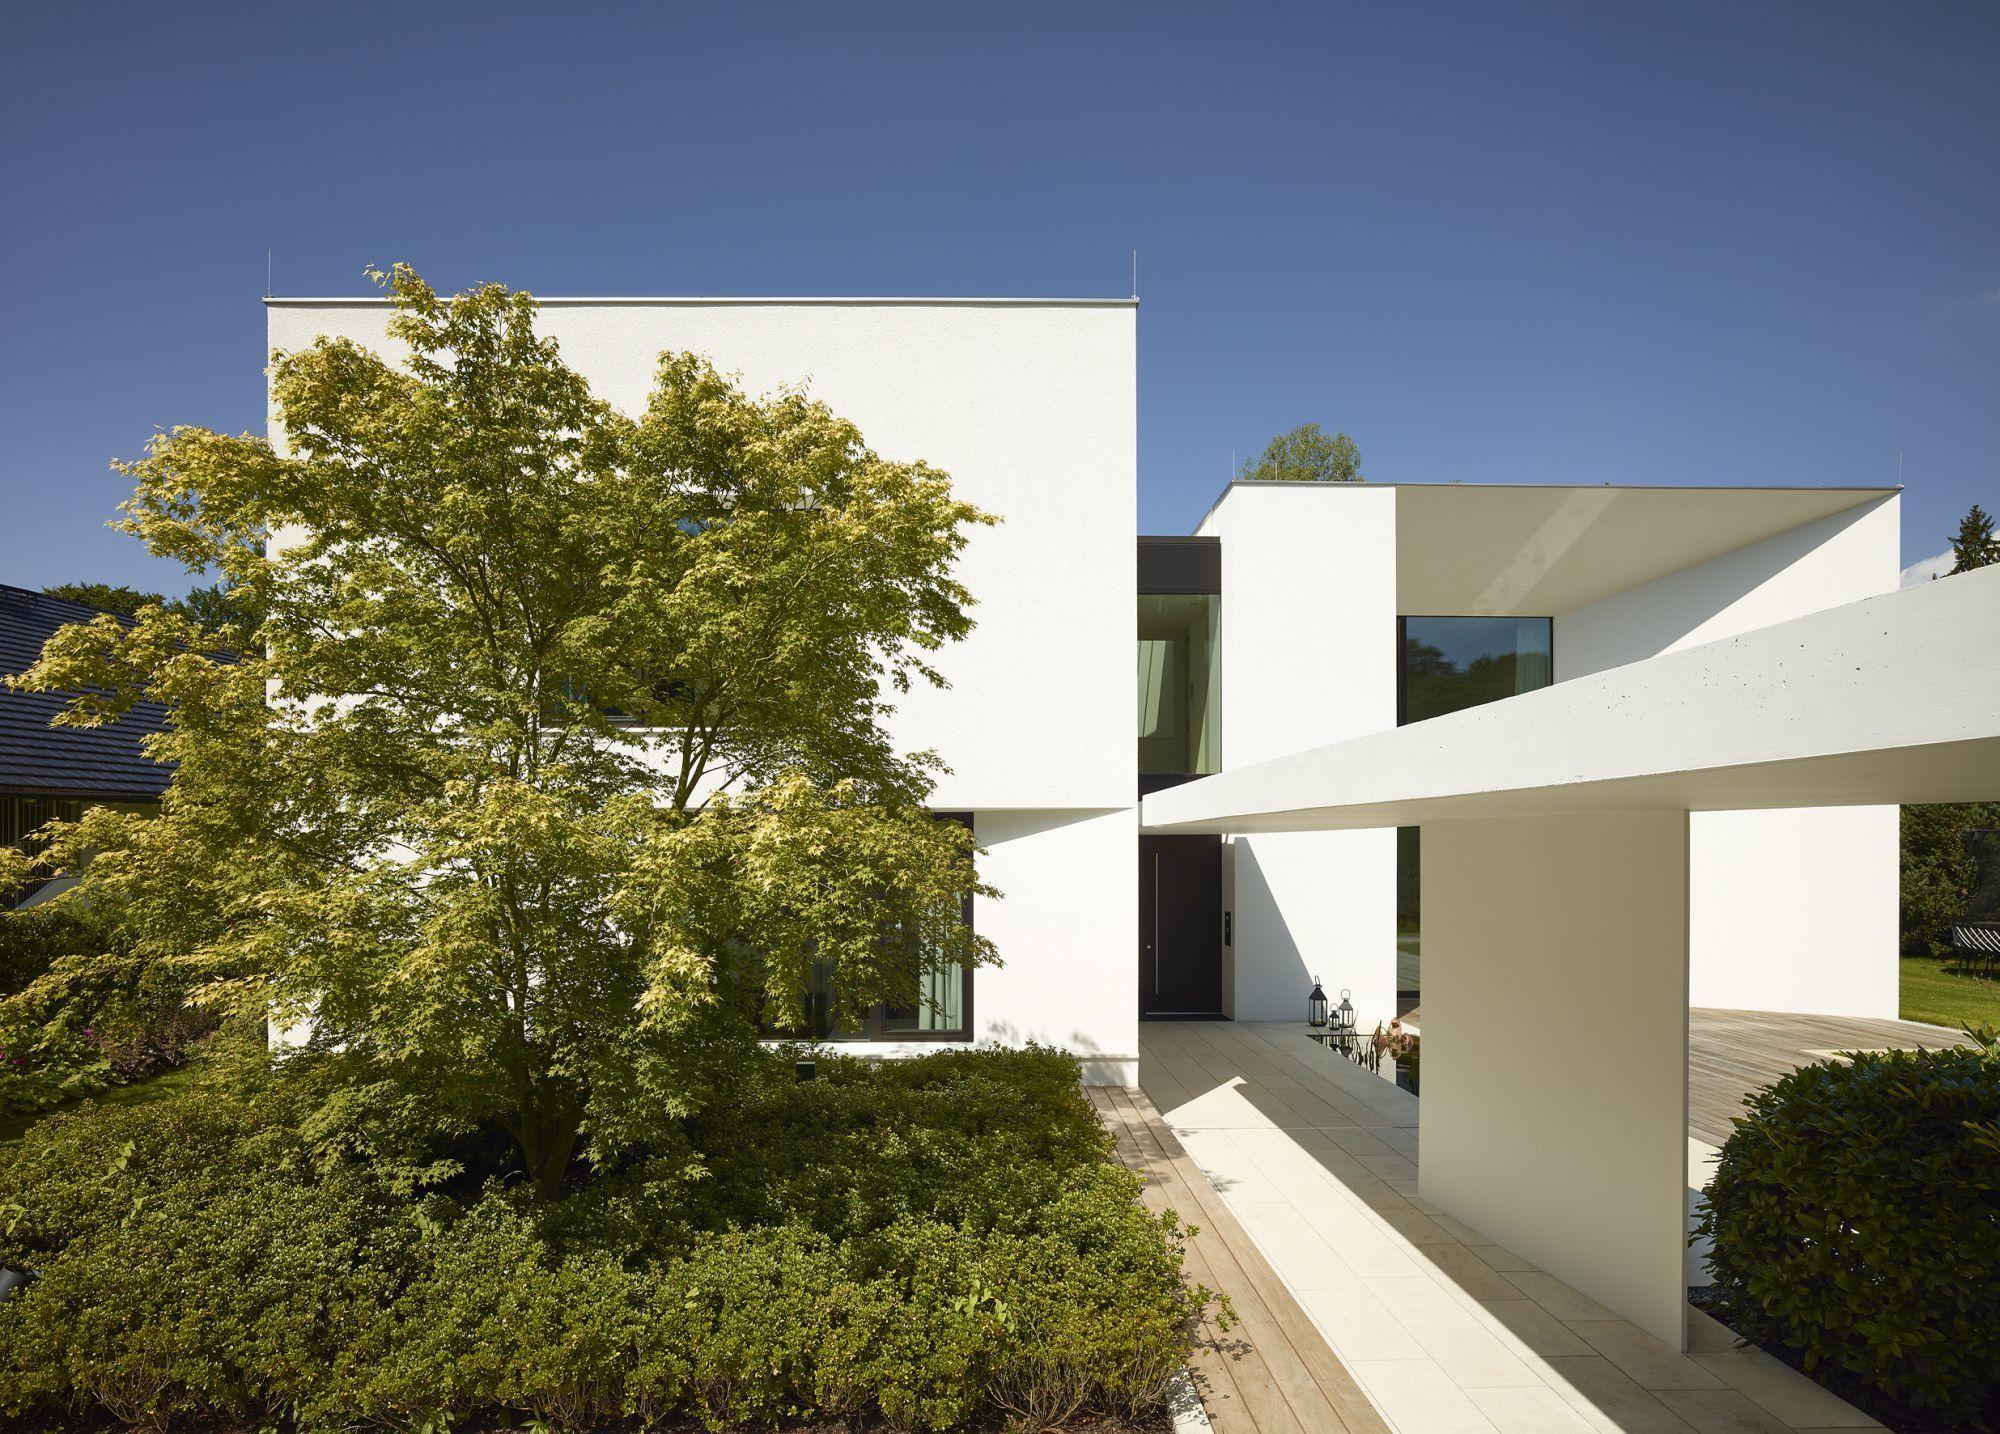 Architekt Augsburg architekten profil im baunetz titus bernhard architekten d